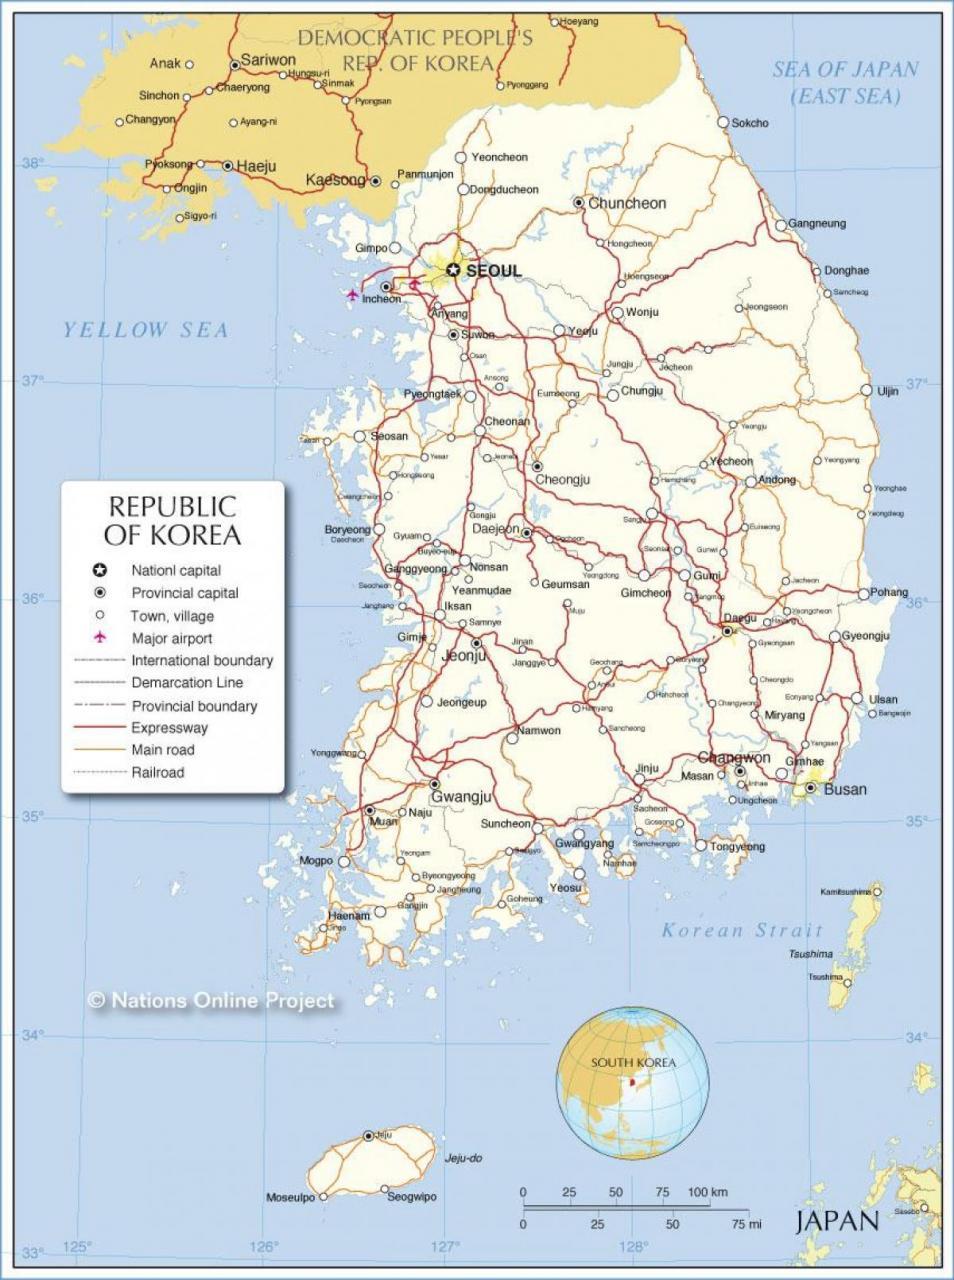 خريطة كوريا الجنوبية التفصيلية